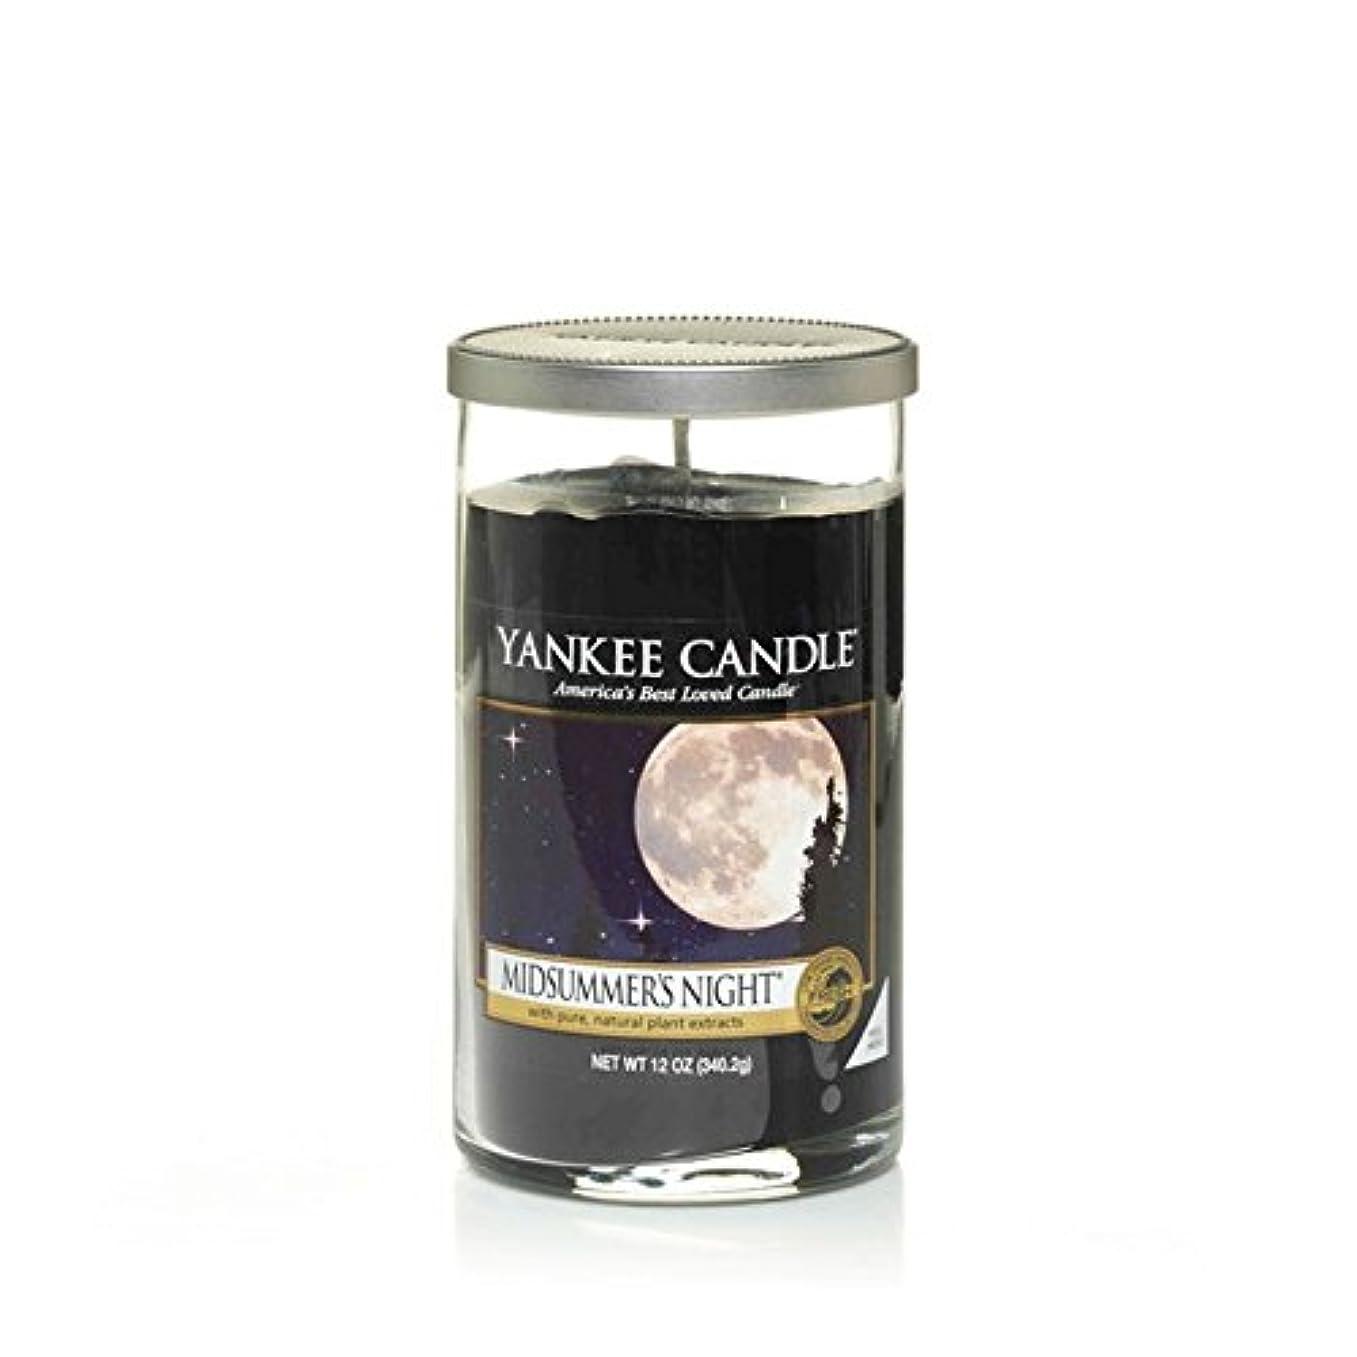 監査戸惑う興奮するYankee Candles Medium Pillar Candle - Midsummers Night (Pack of 2) - ヤンキーキャンドルメディアピラーキャンドル - Midsummersの夜 (x2)...